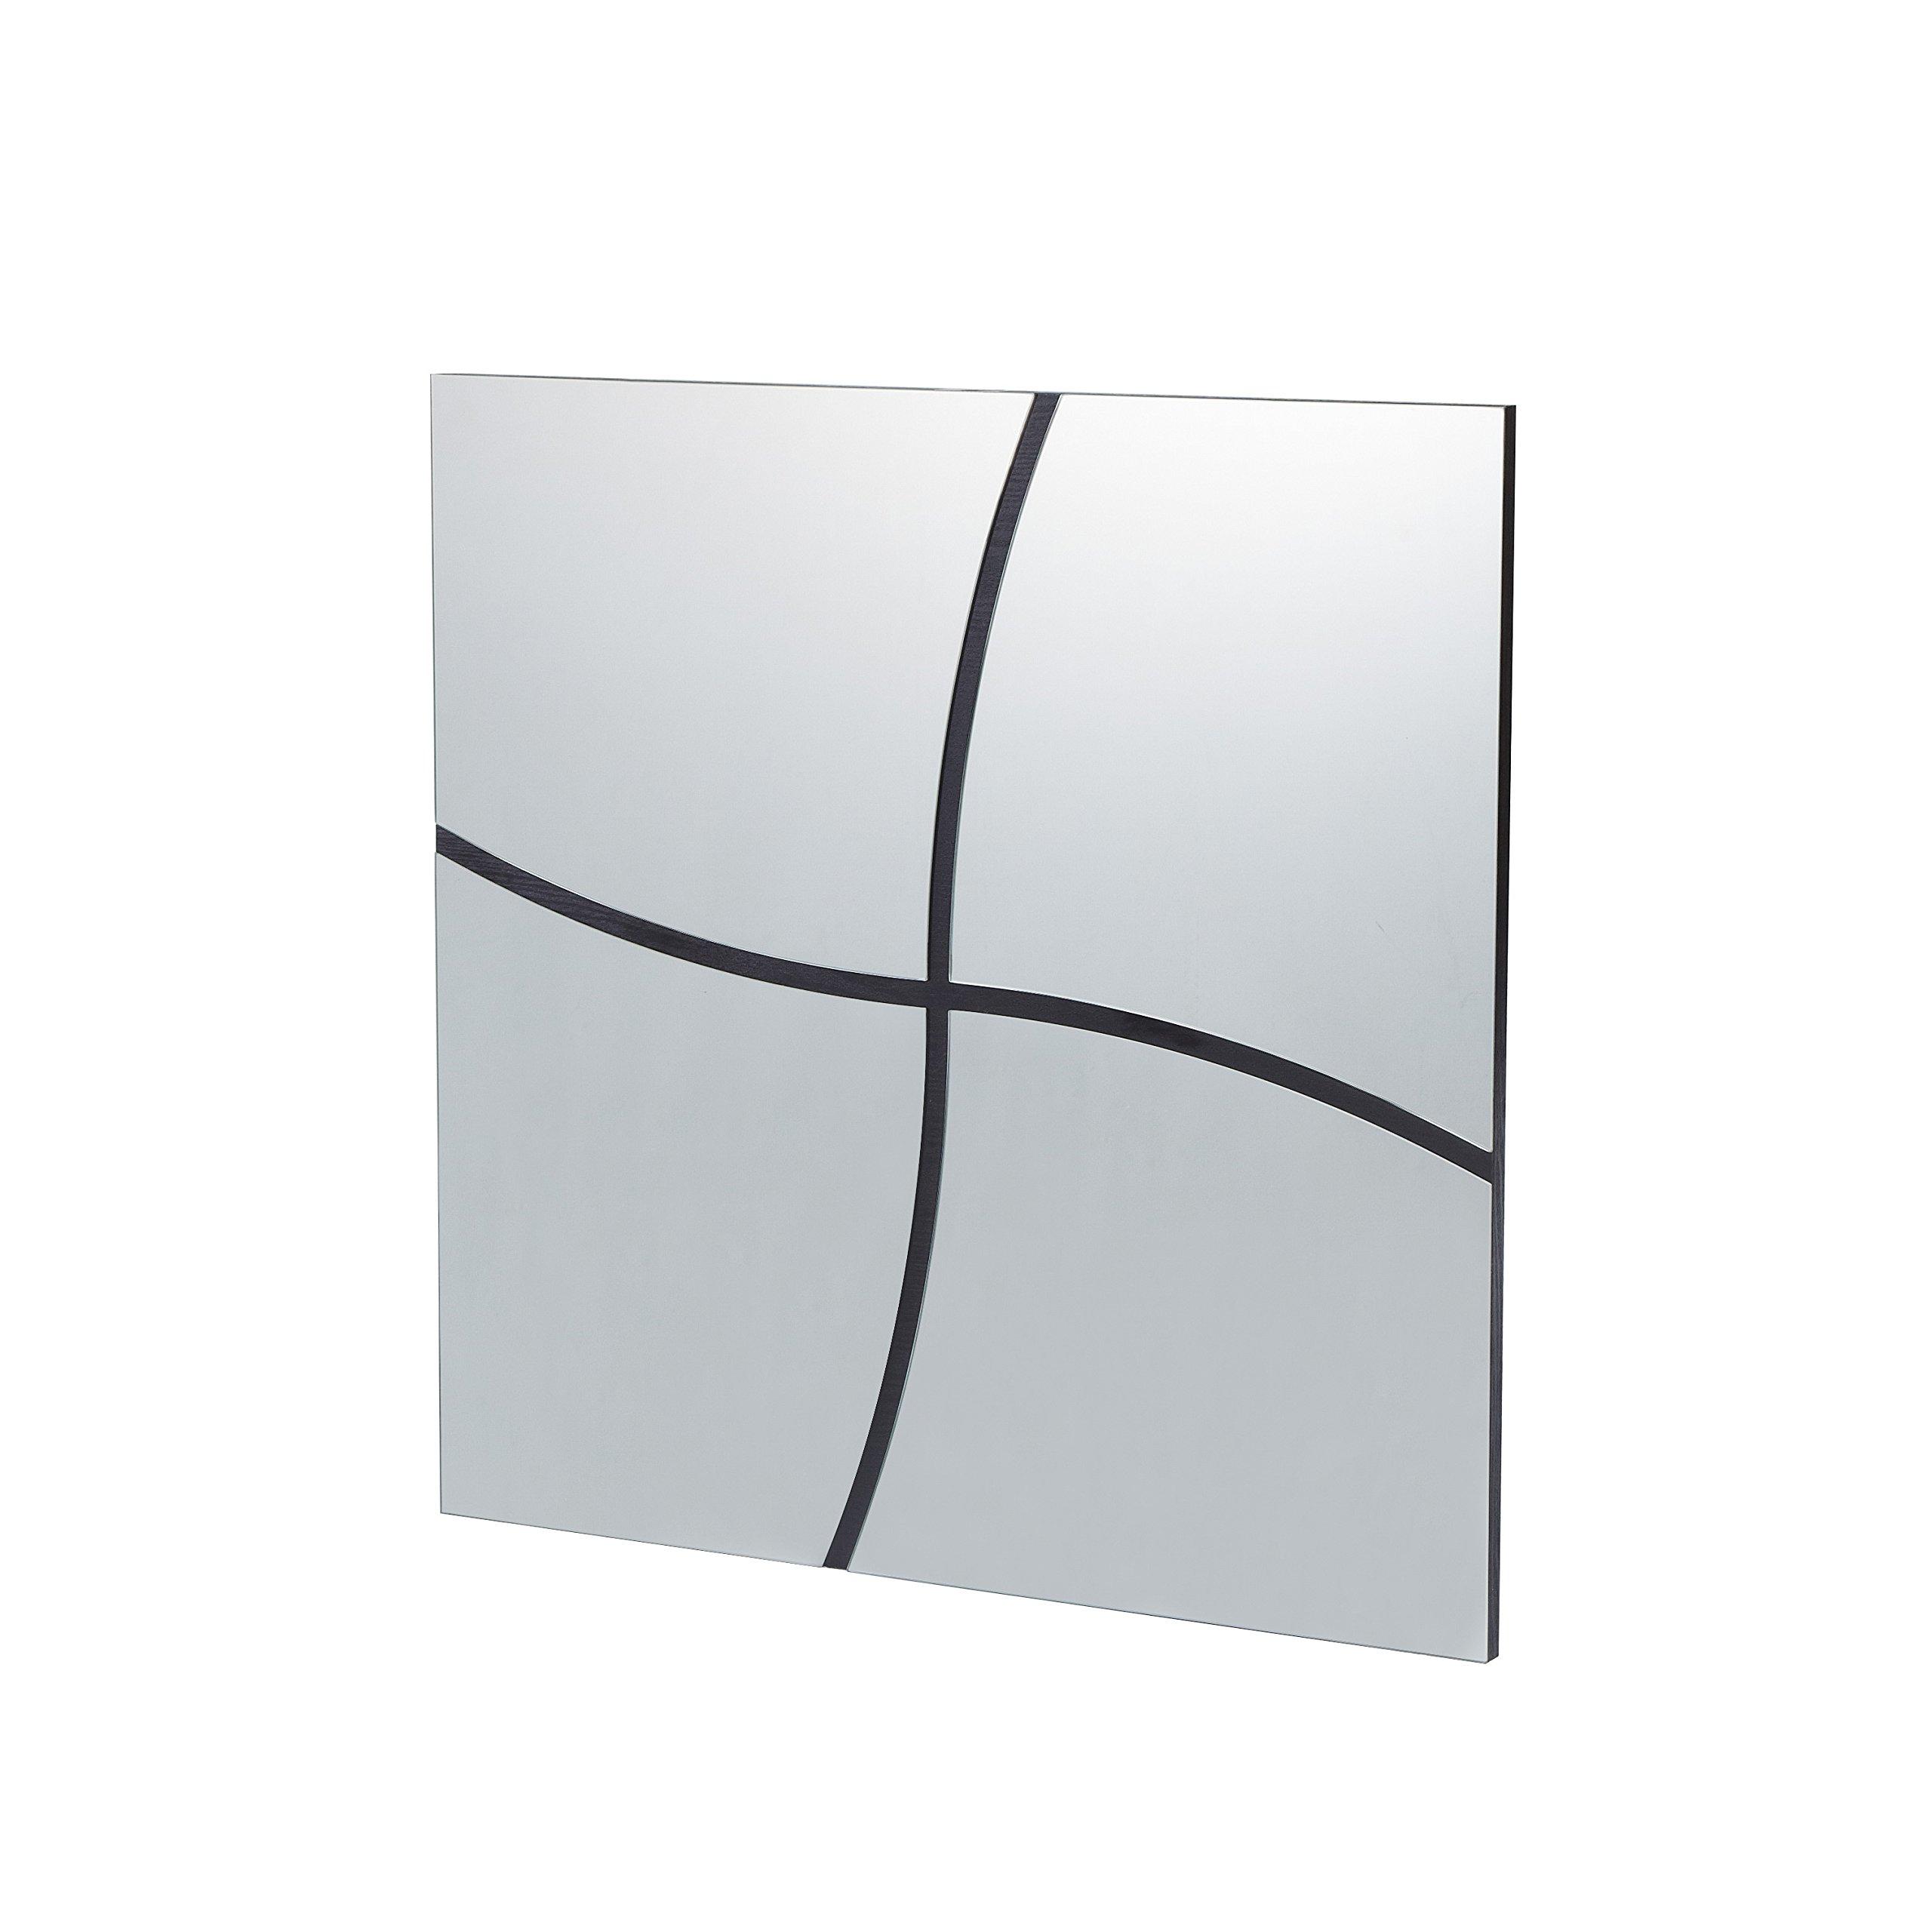 Furniture of America Contemporary Broken Design Decor Mirror - 32'' x 32''